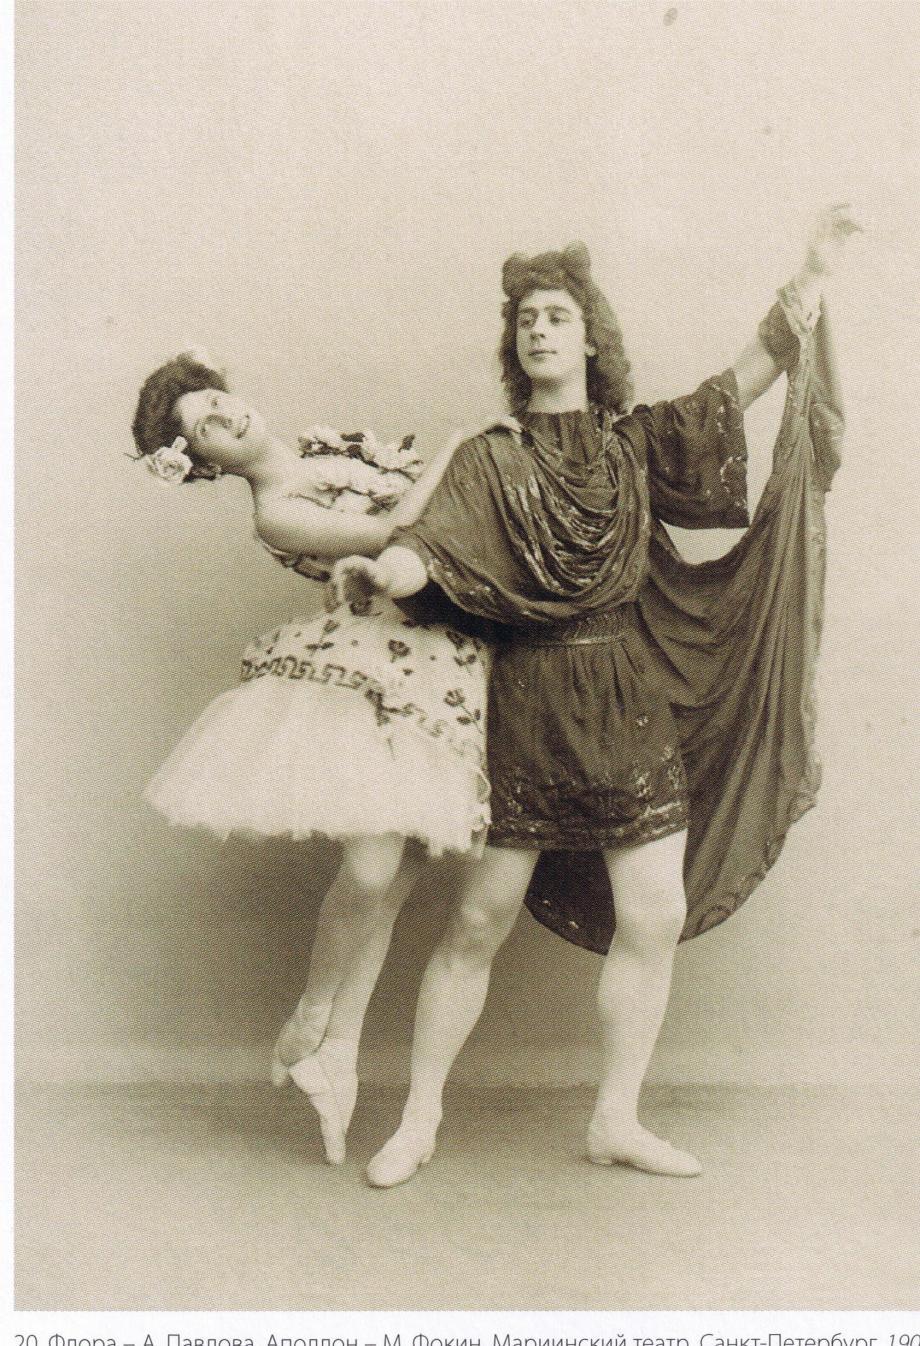 Anna Pavlova as Flora and Mikhail Fokine as Helios/Apollo (1900)